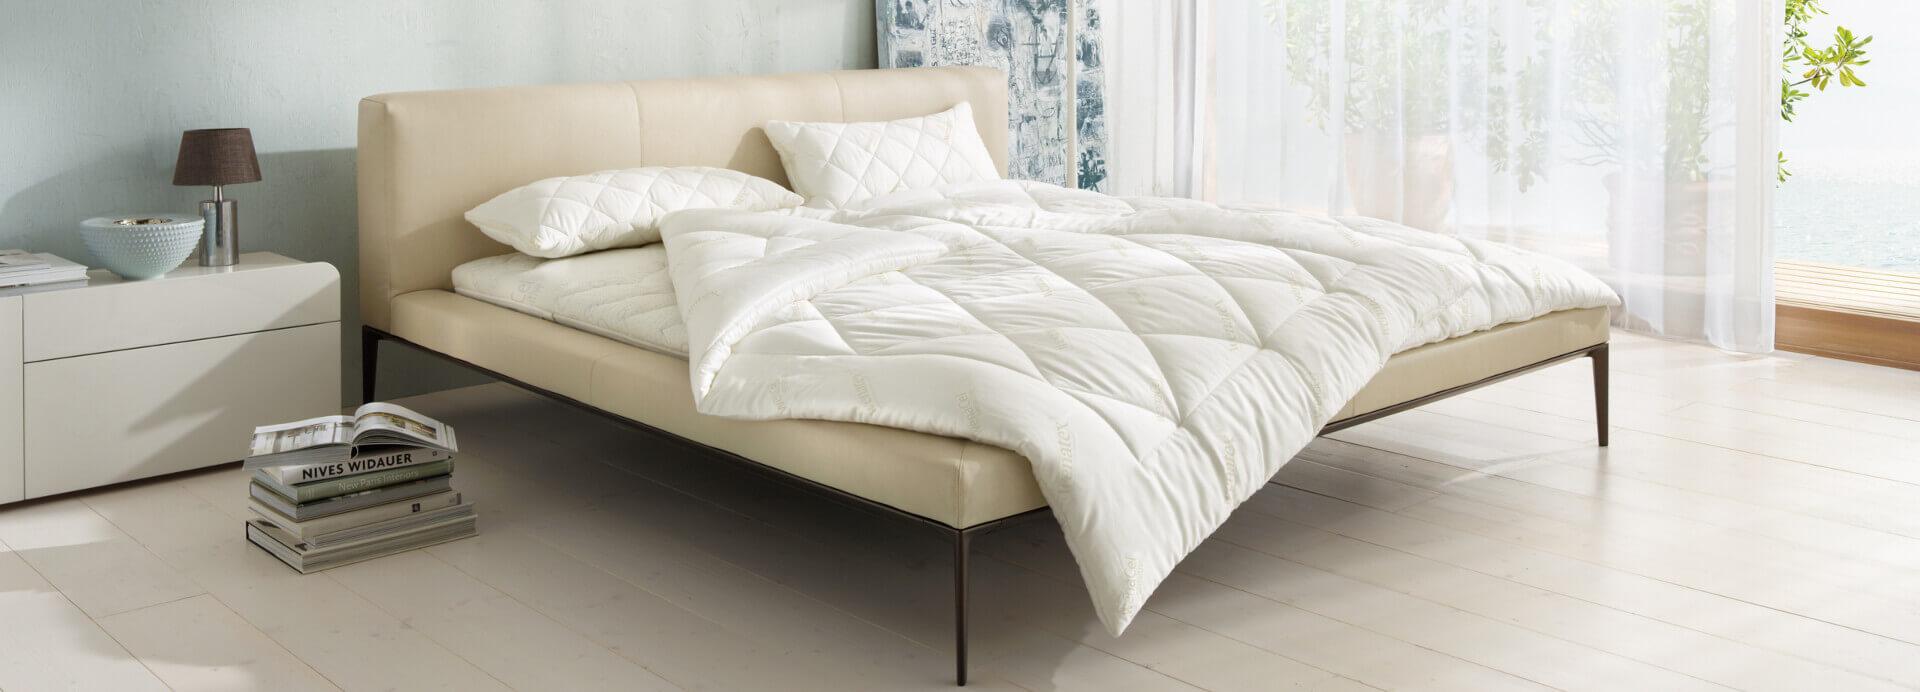 Bett mit dem wenaCel® sensitve Schlafsystem von Wenatex